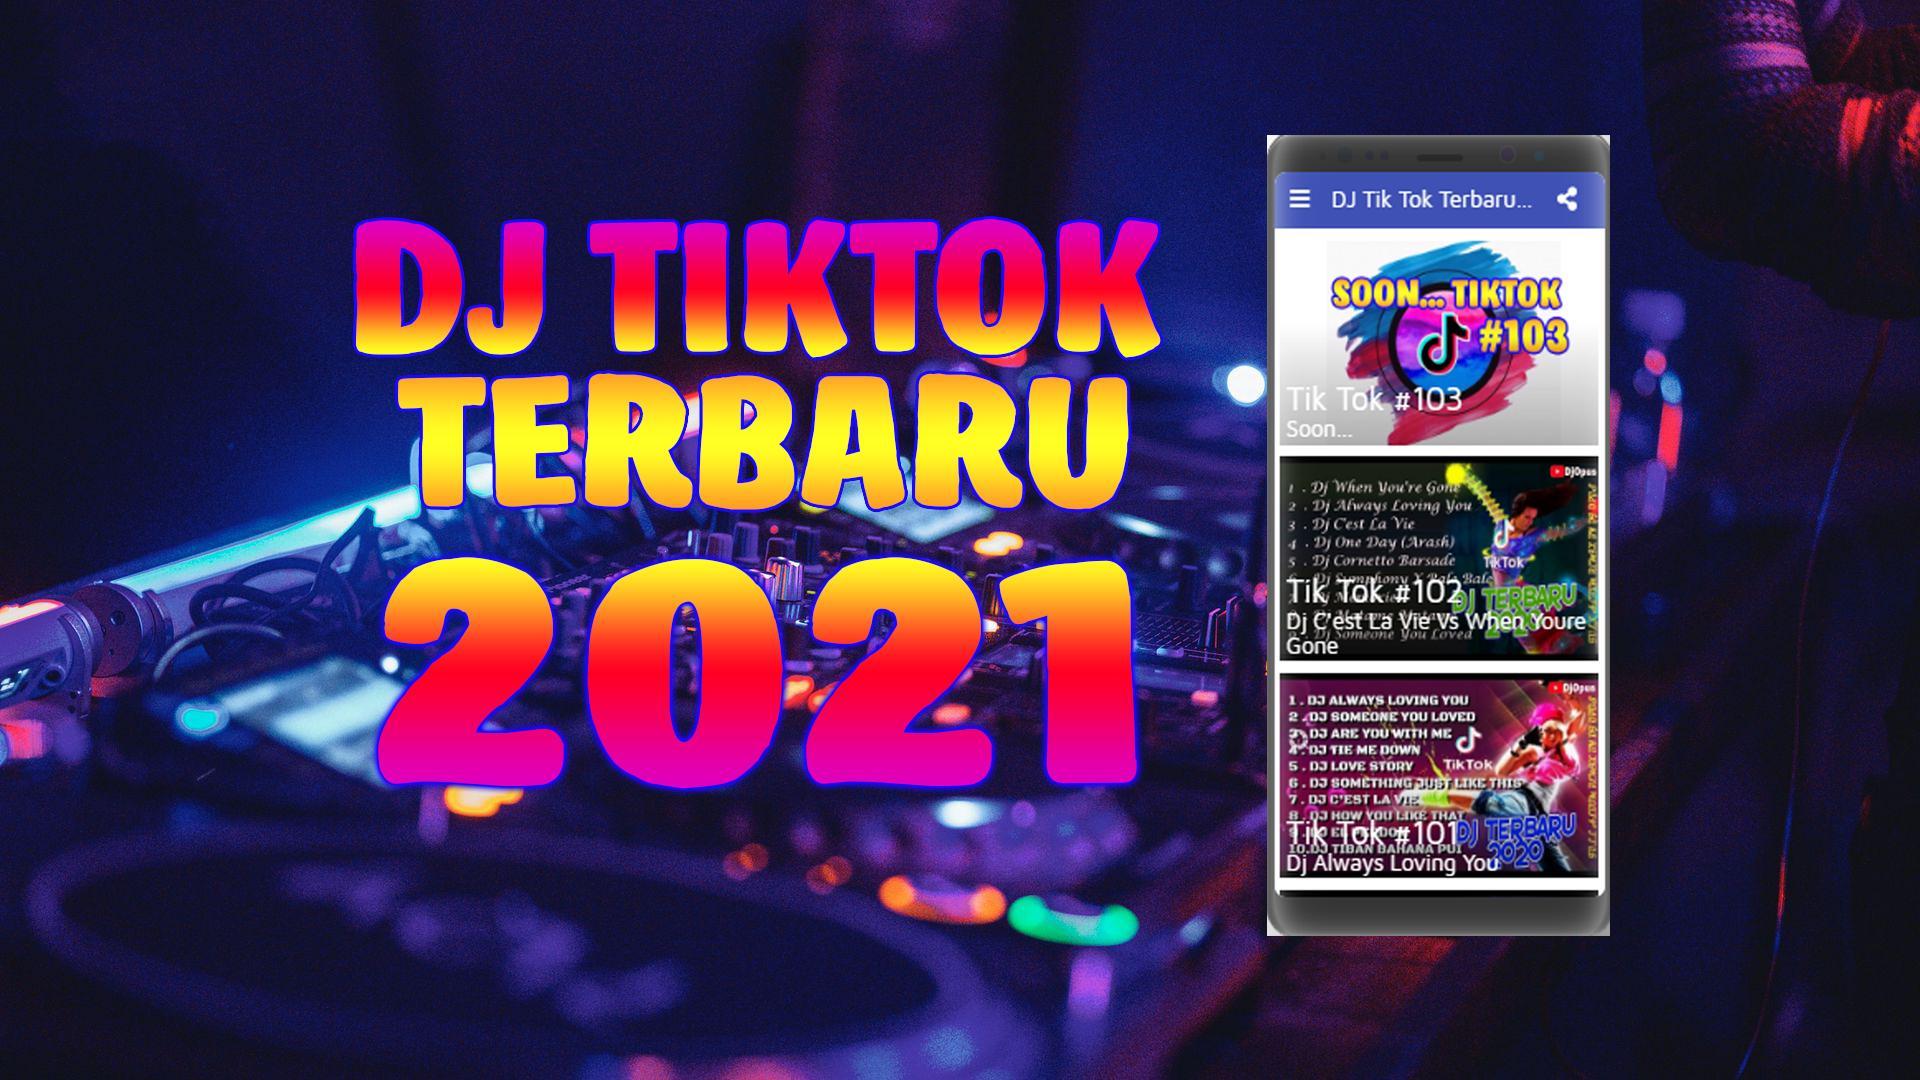 Dj Tik Tok Terbaru 2021 Dj Tik Tok 2021 For Android Apk Download